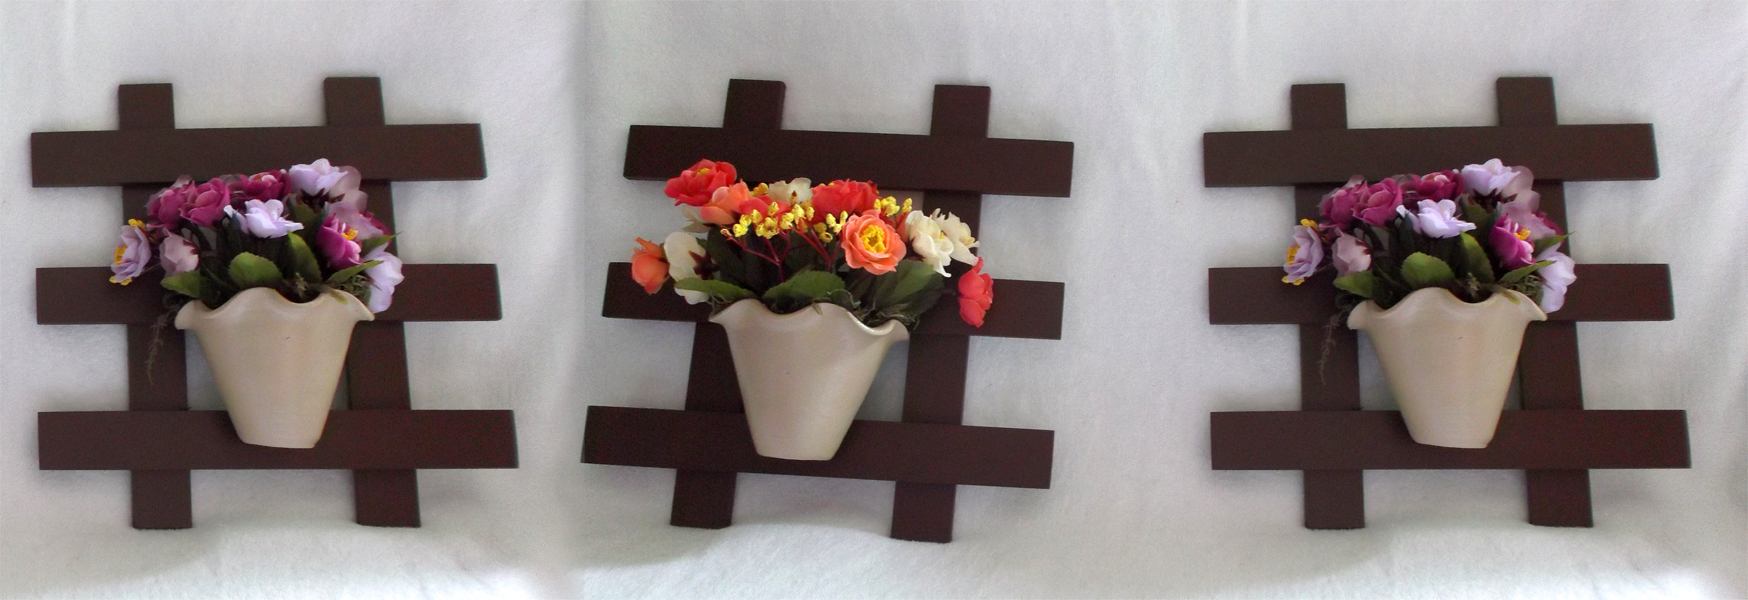 Suficiente Trio de Treliça com Vaso de Flor no Elo7   Toque de Amor Presentes  NL03